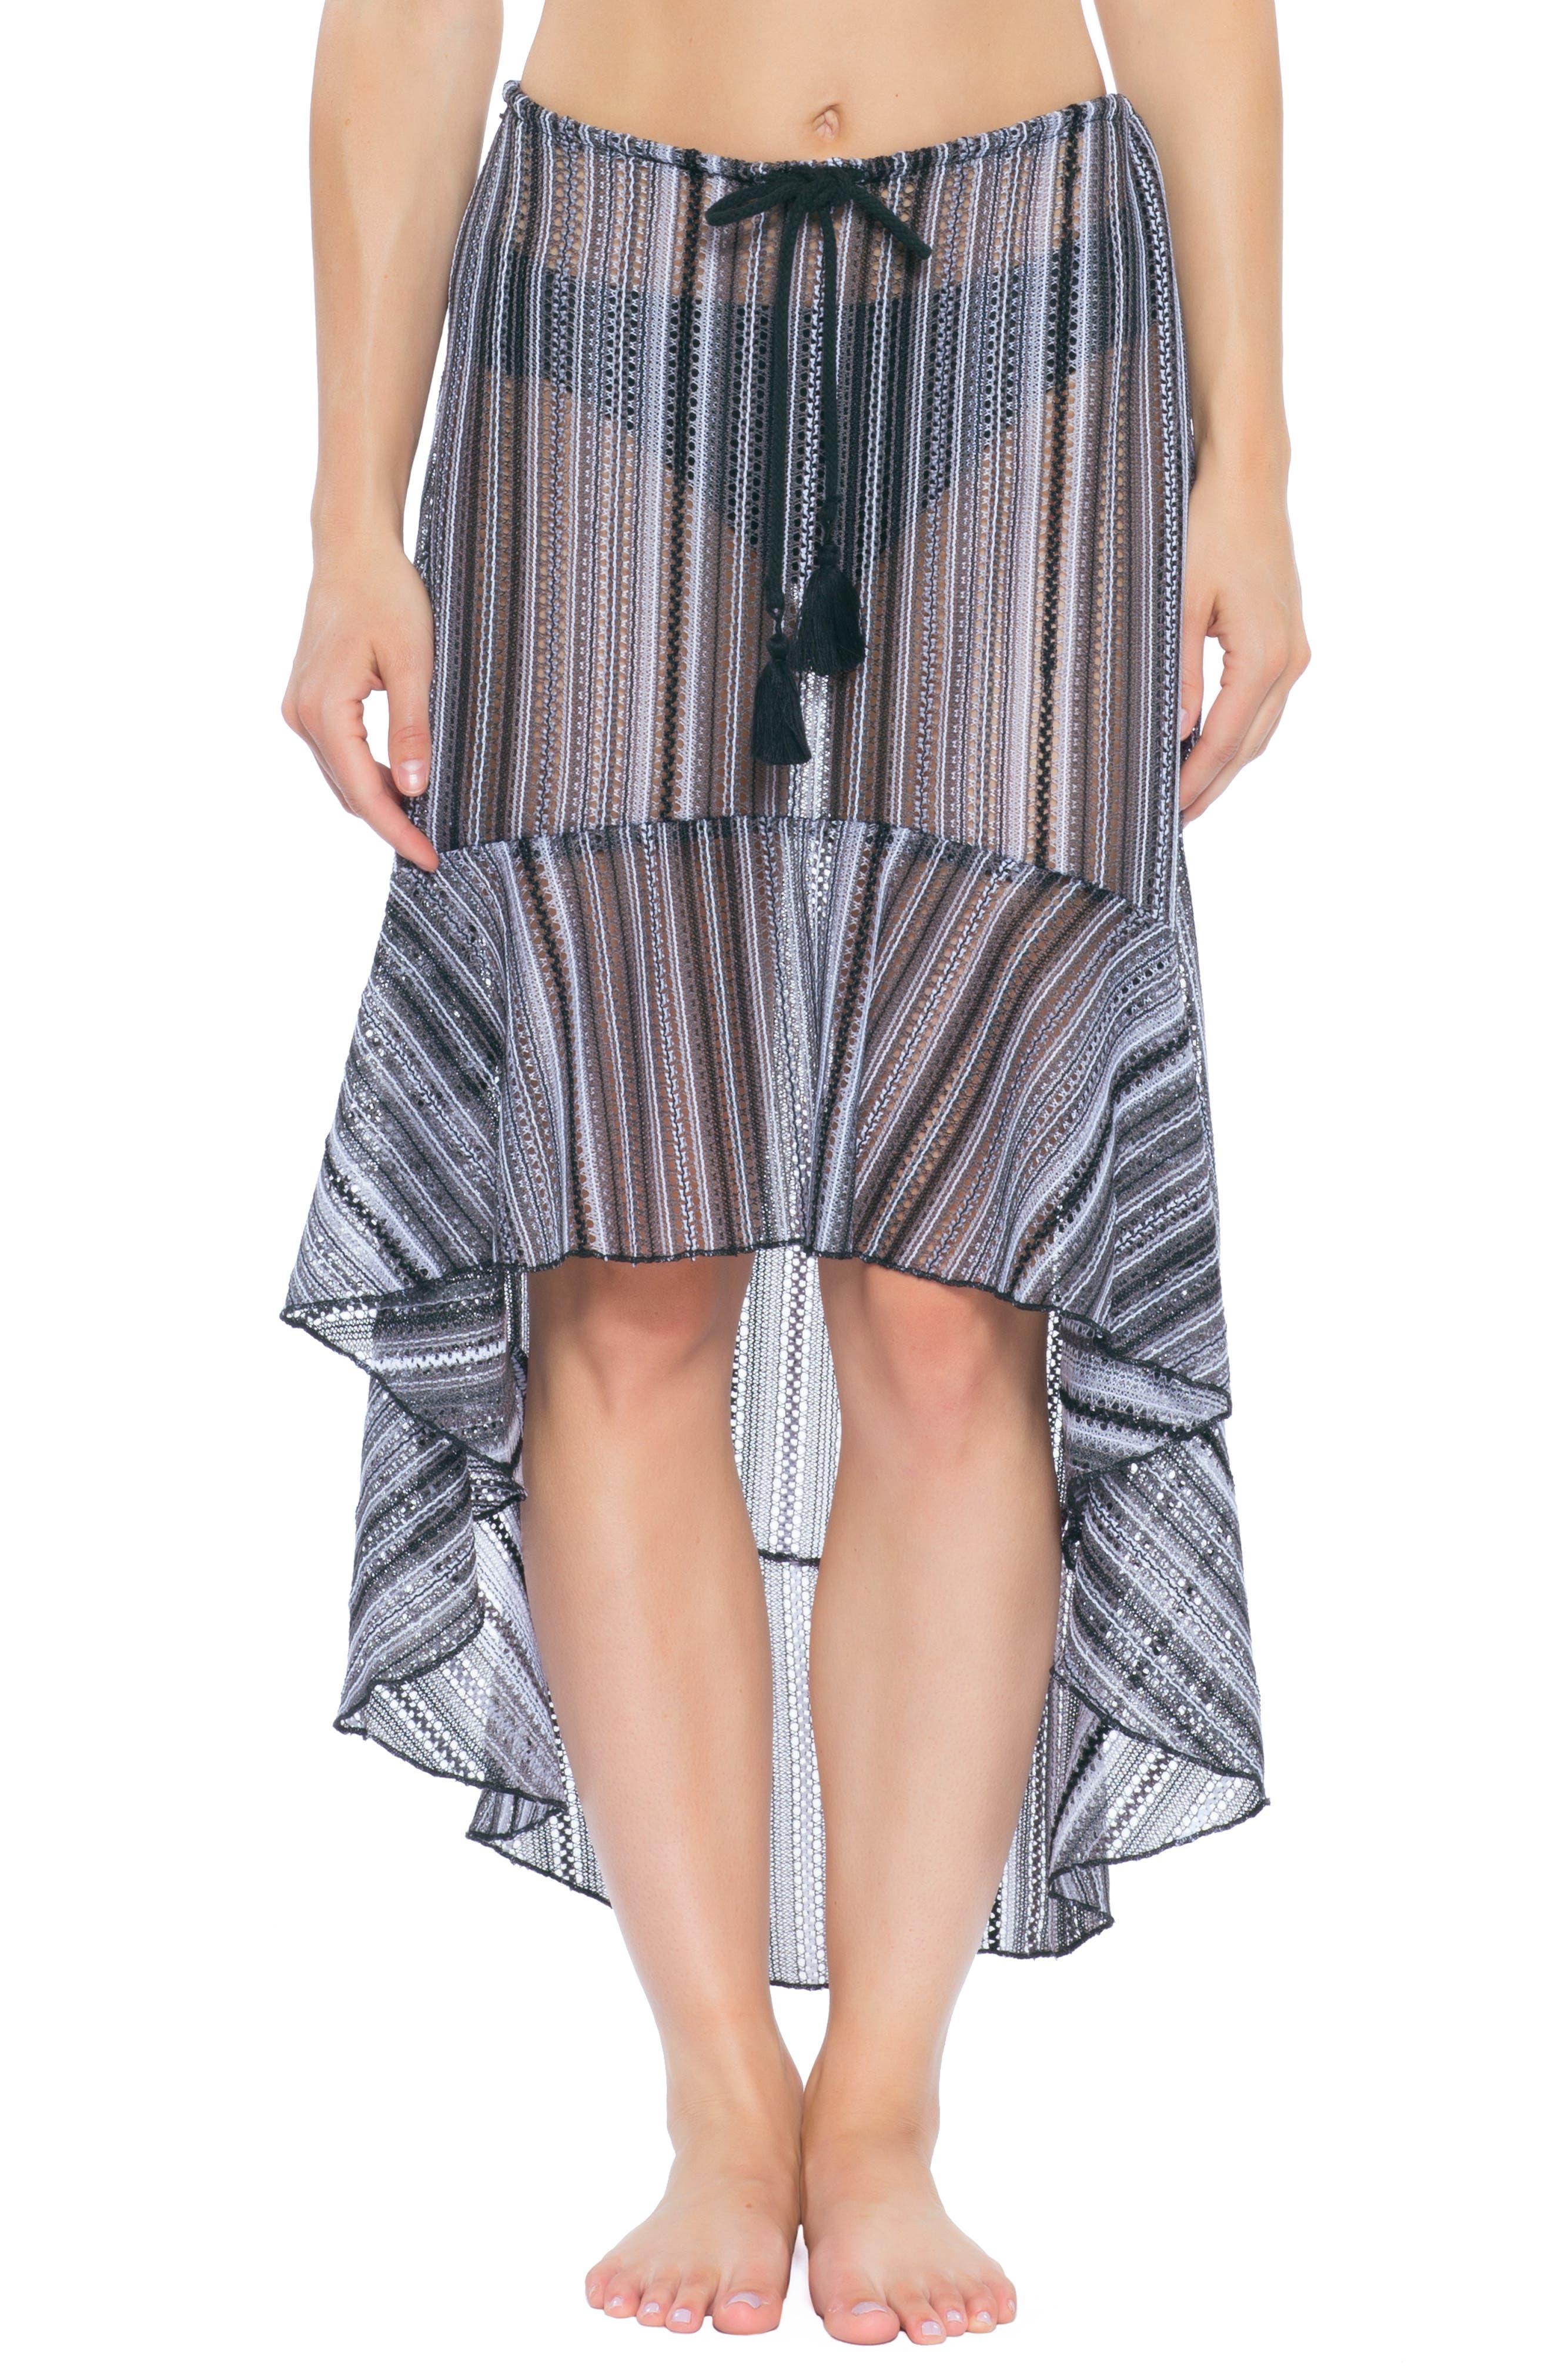 Becca Pierside Cover-Up Skirt, Black